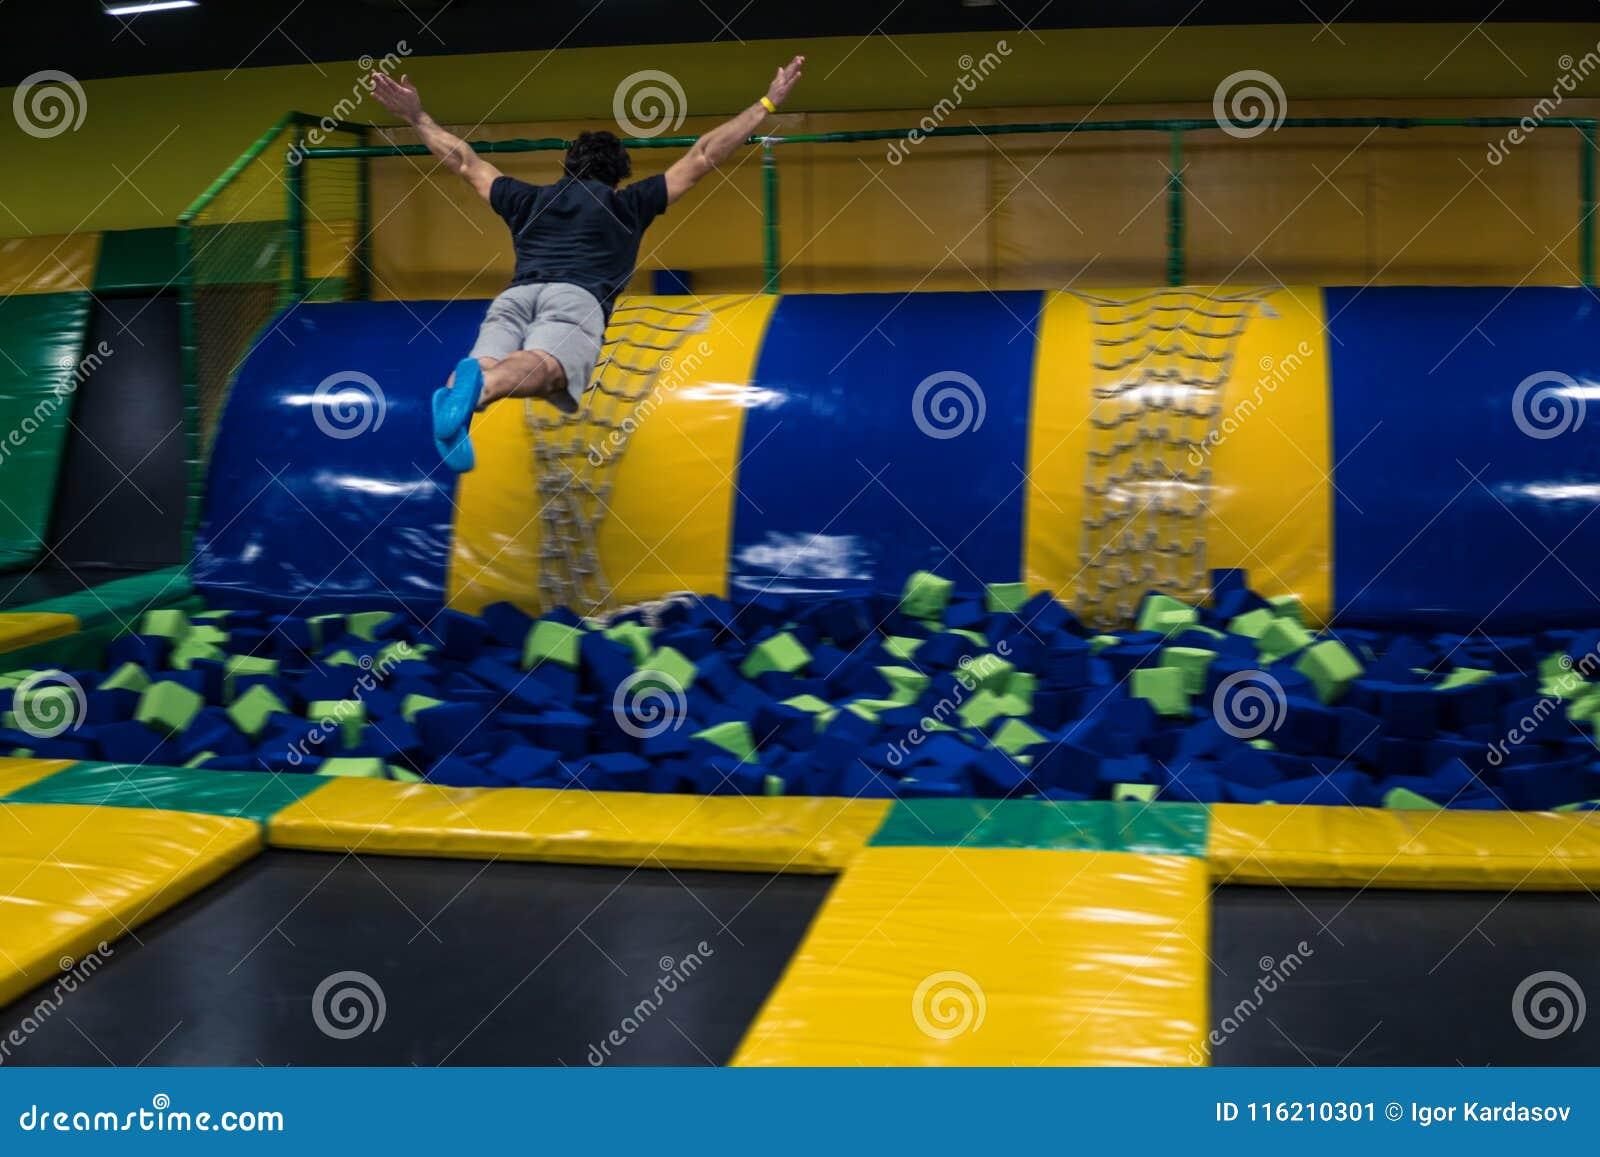 Trampolinepullover führt akrobatische Übungen auf der Trampoline durch